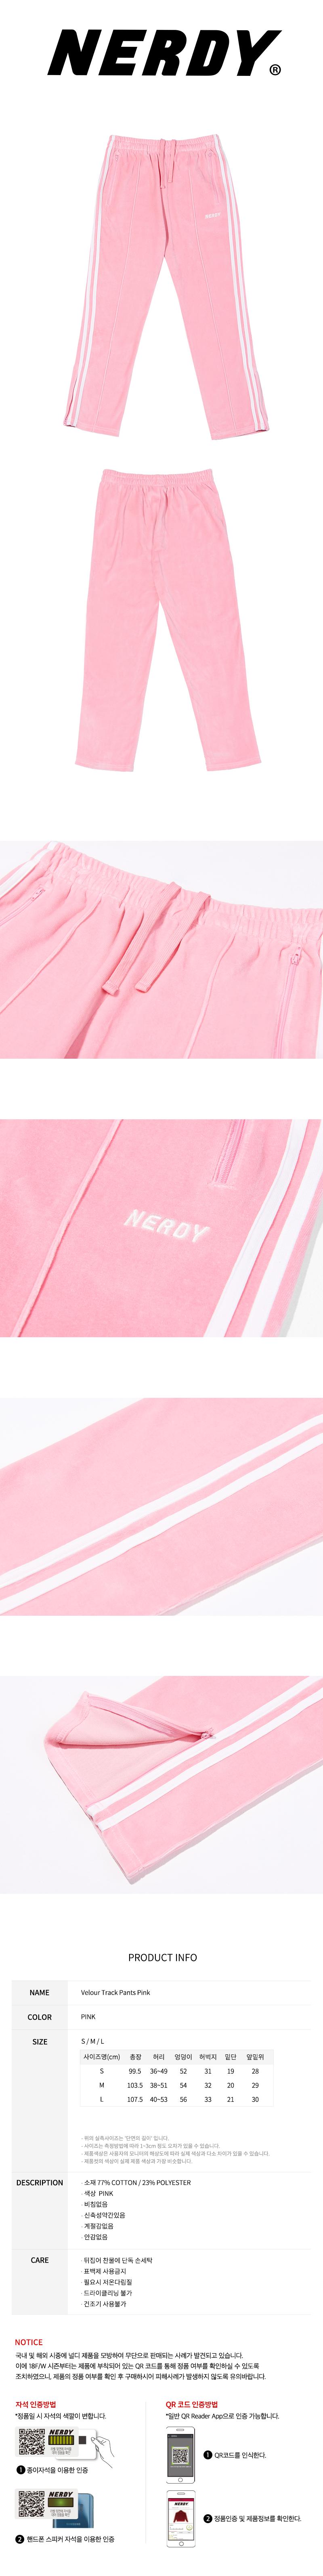 널디(NERDY) 벨로아 트랙 팬츠 핑크